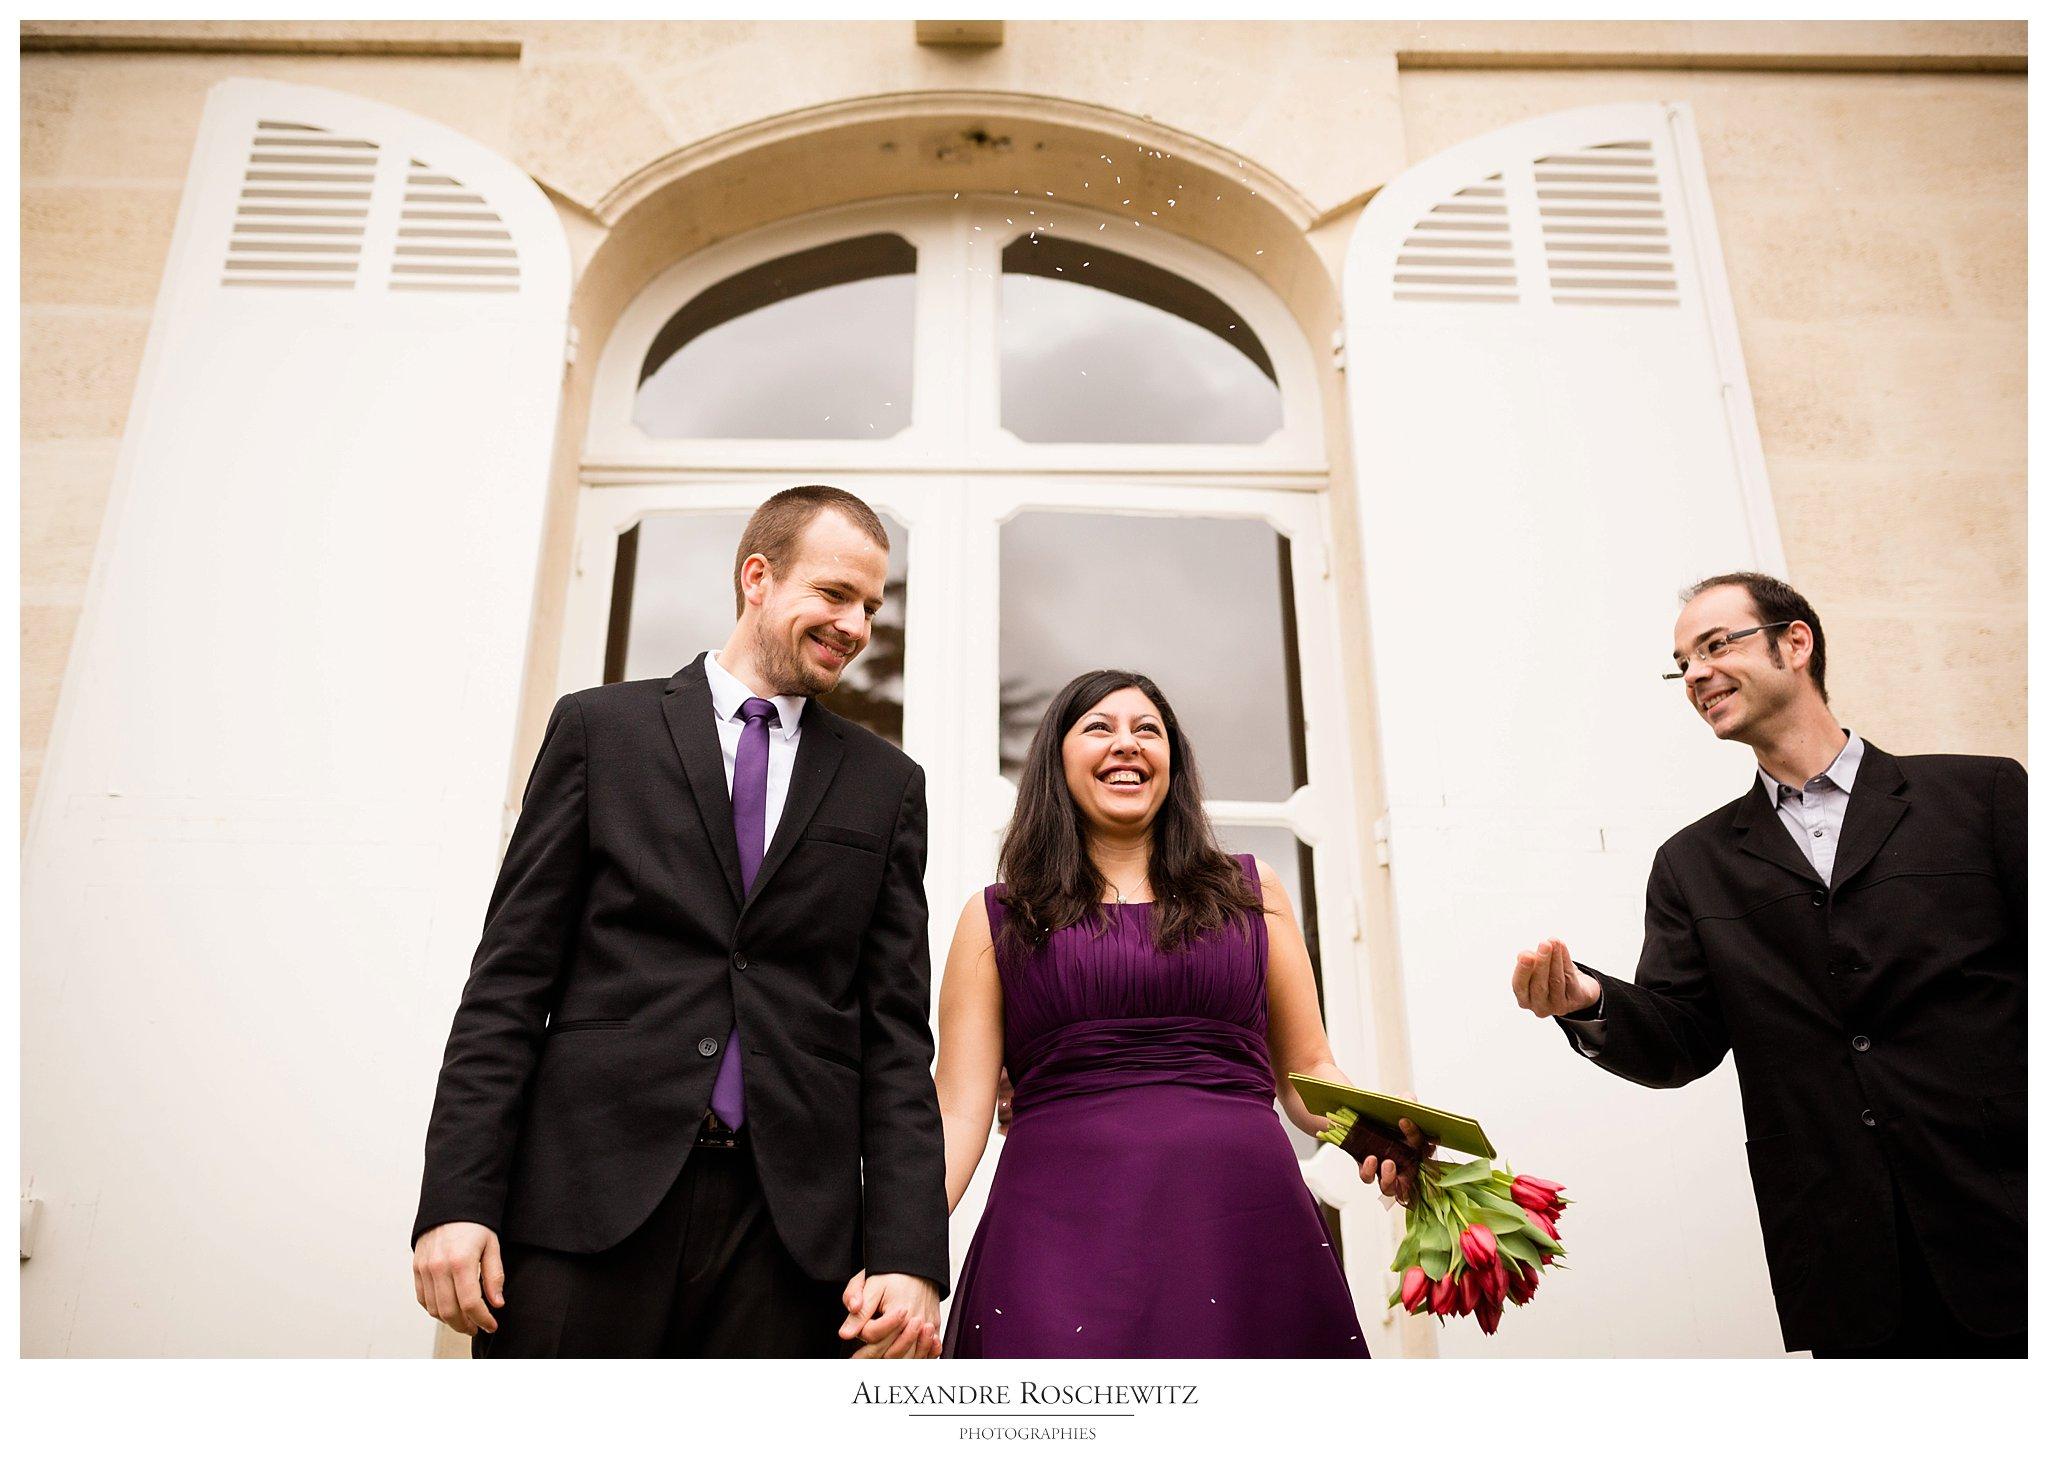 Le mariage civil de Yohana et Olivier à Mérignac, avant leur mariage religieux en juillet ! Alexandre Roschewitz Photographies.